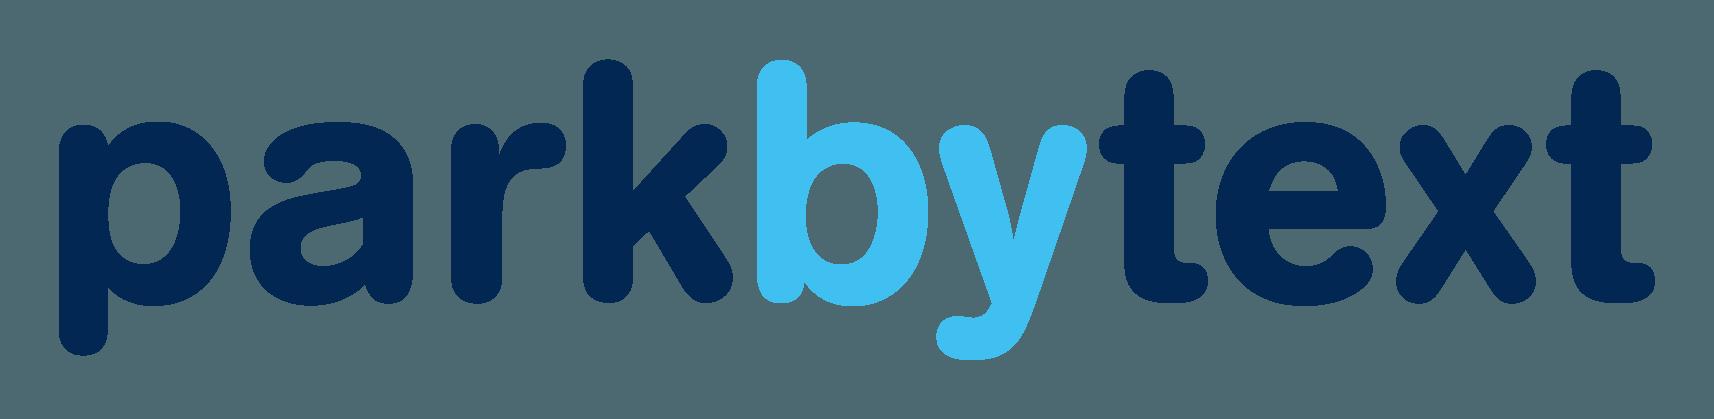 parkbytext-blue